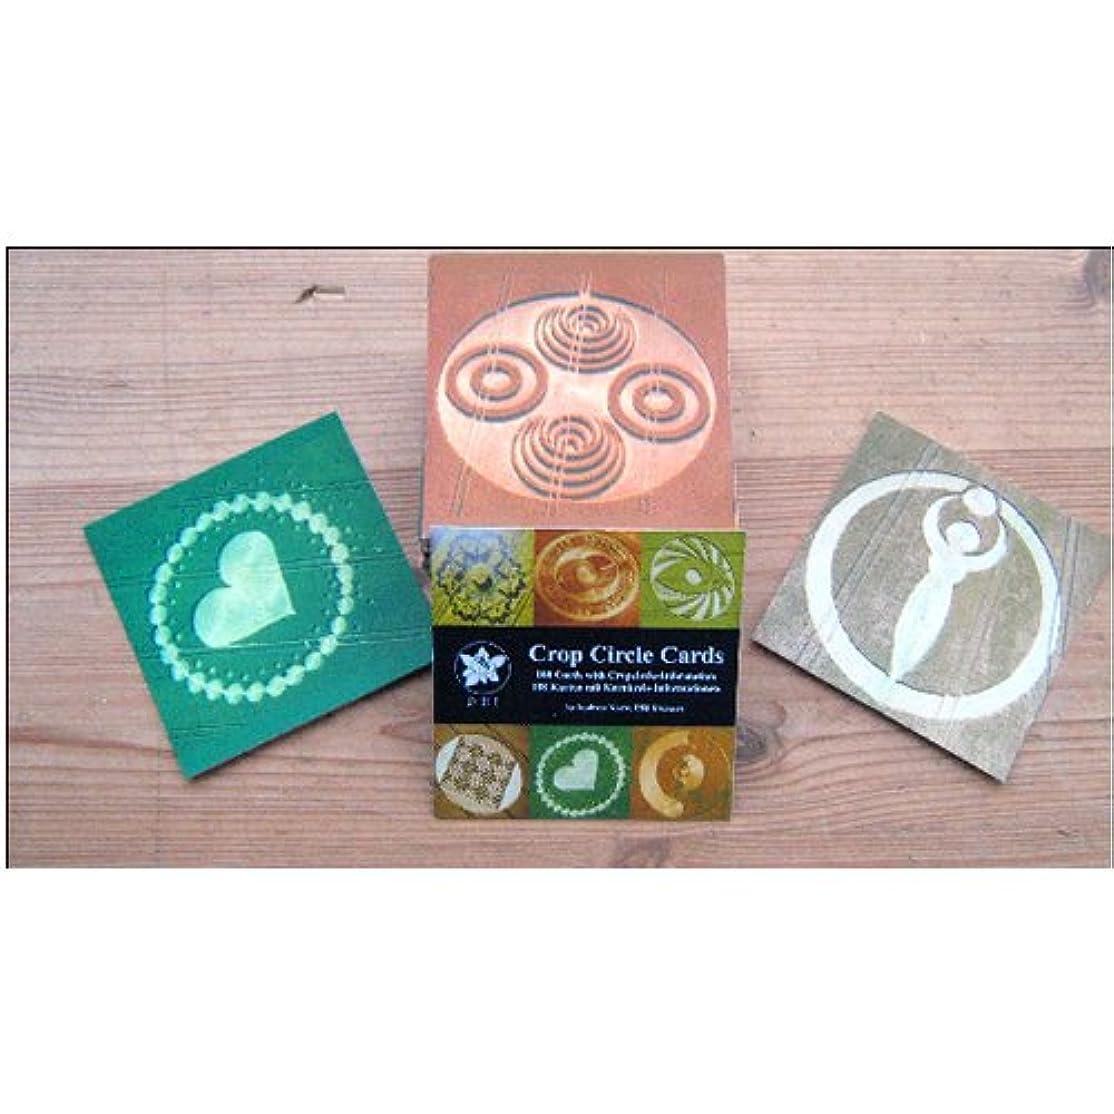 誇張するチーフ有料コルテ PHIエッセンス クロップサークル カード(全108枚) (PHI Essences) 日本国内正規品